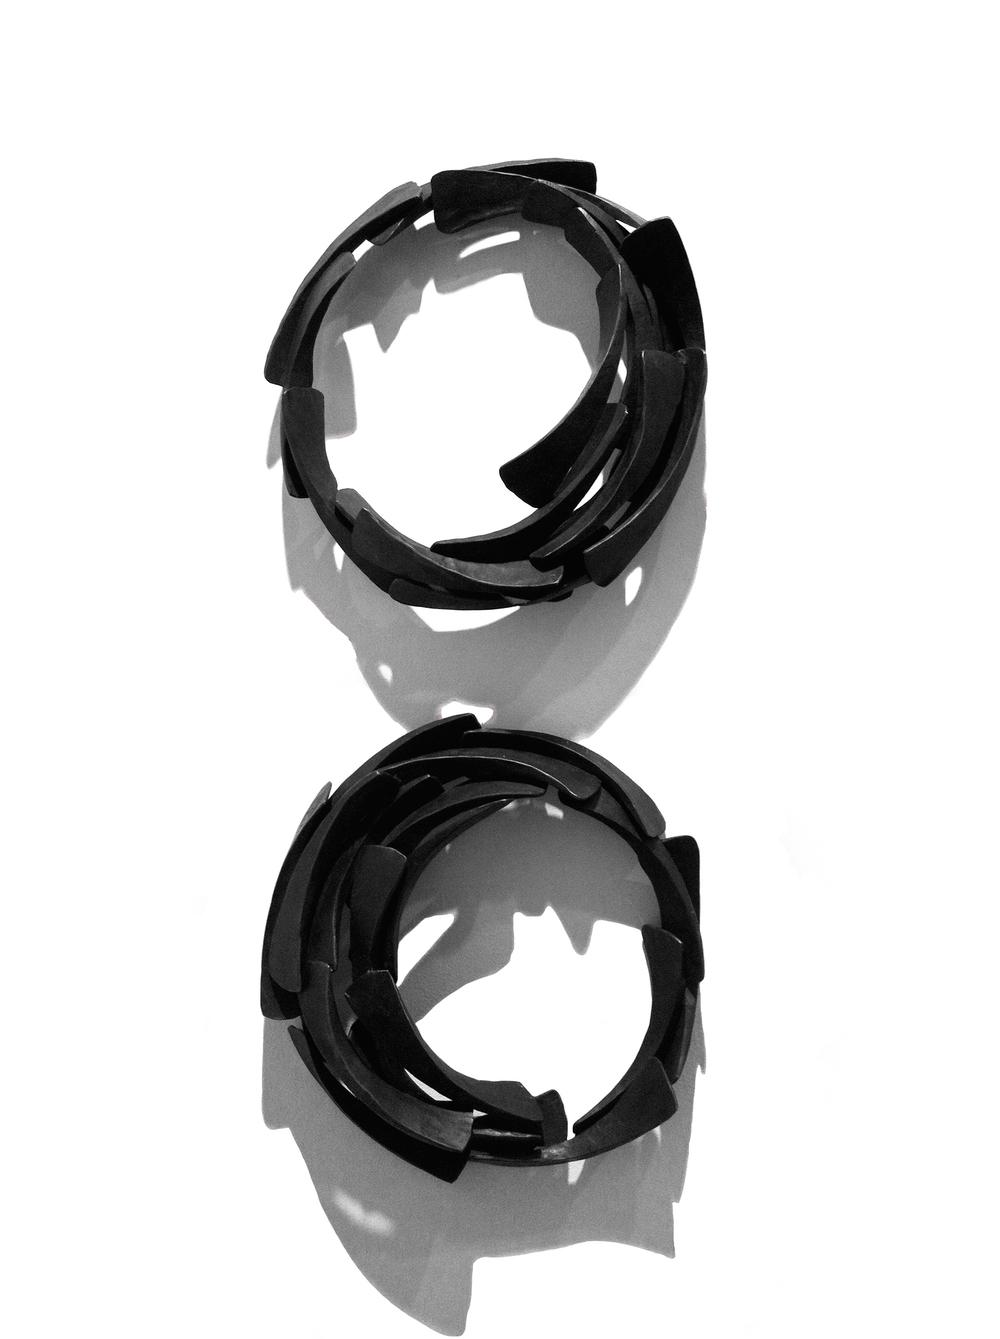 Sculpture-8.JPG